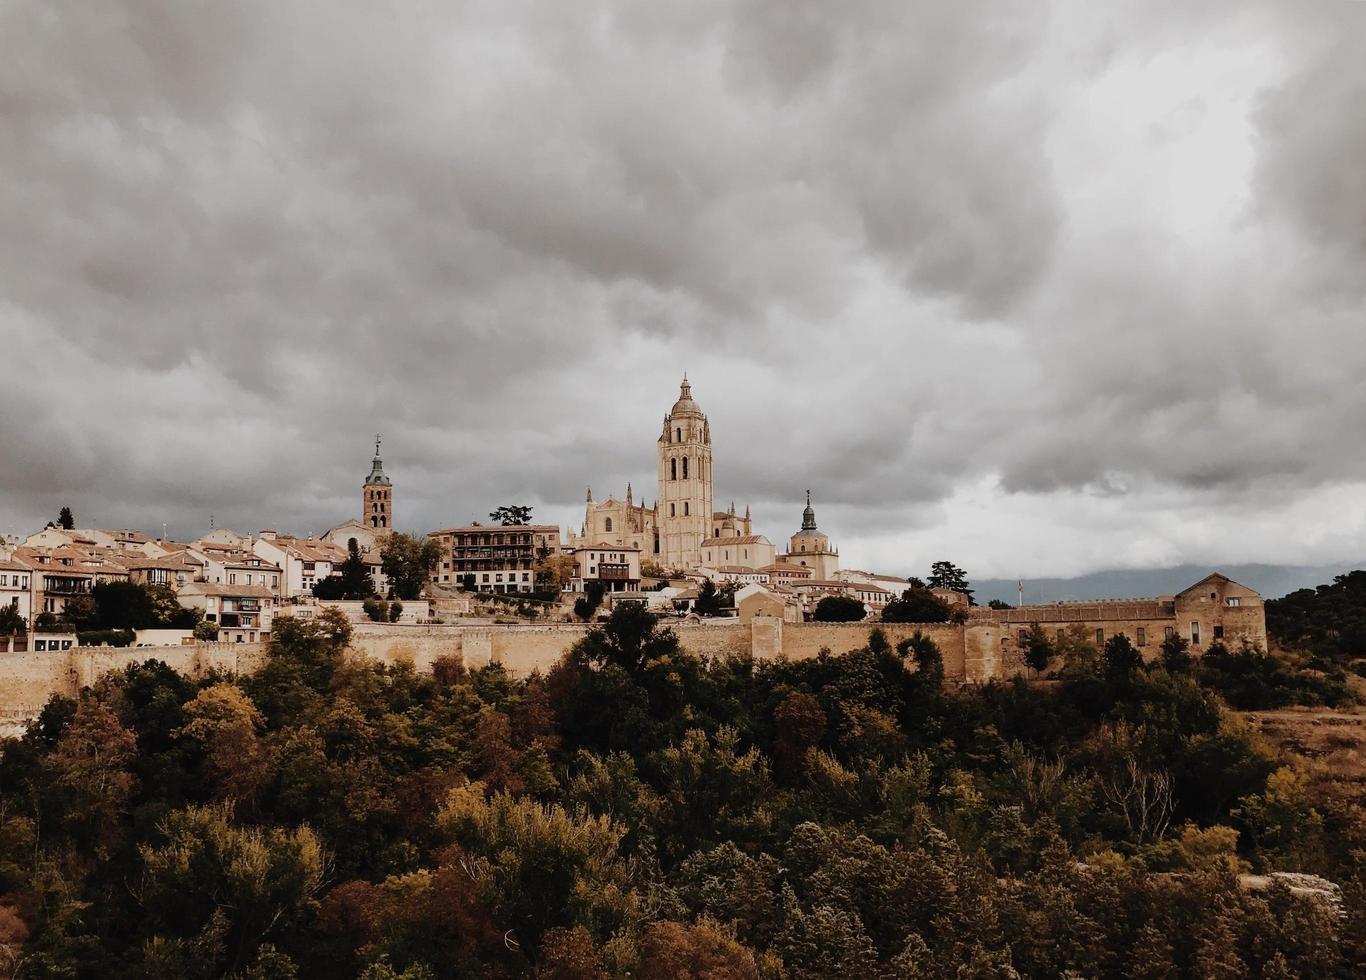 cathédrale de Ségovie sous un ciel nuageux photo